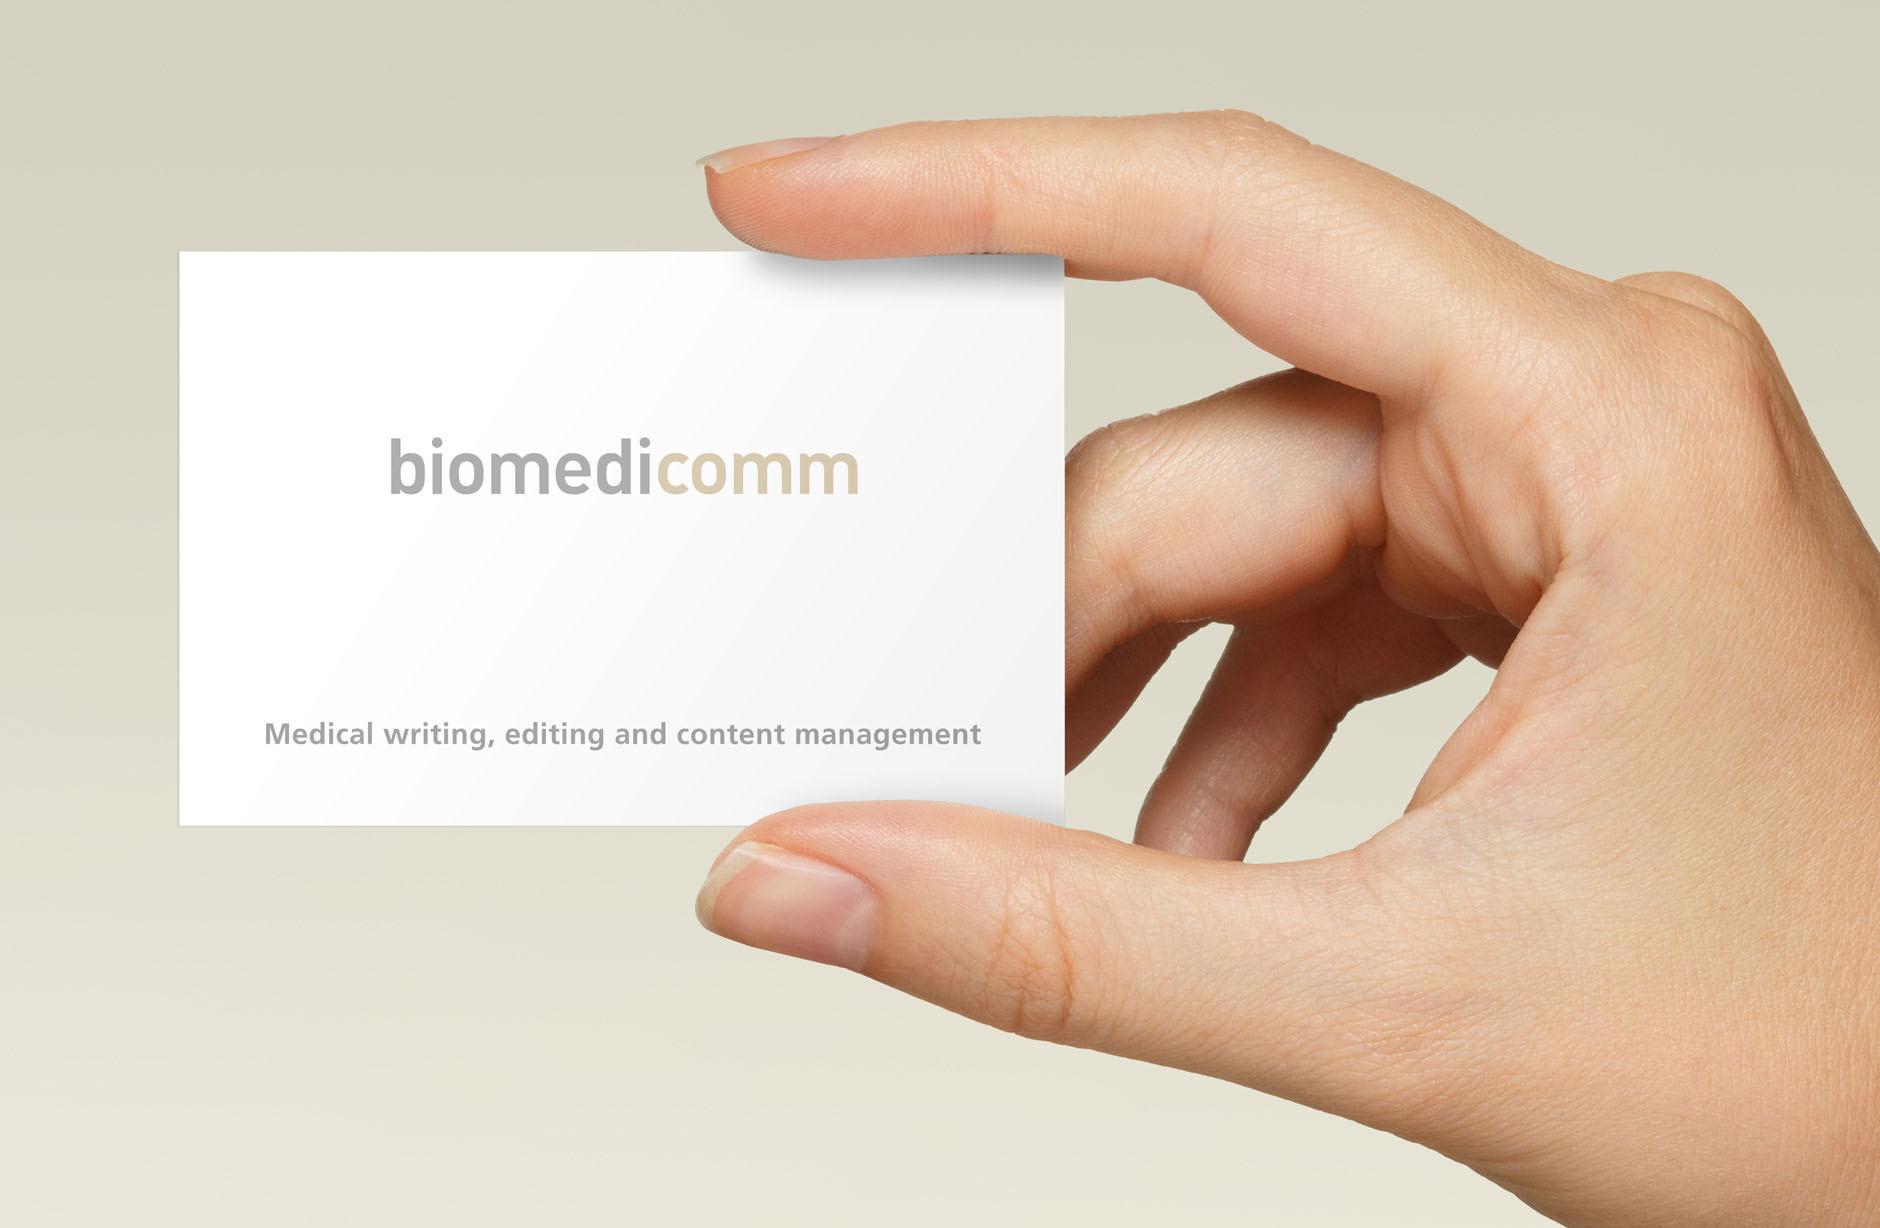 Biomedicomm Visitenkarte